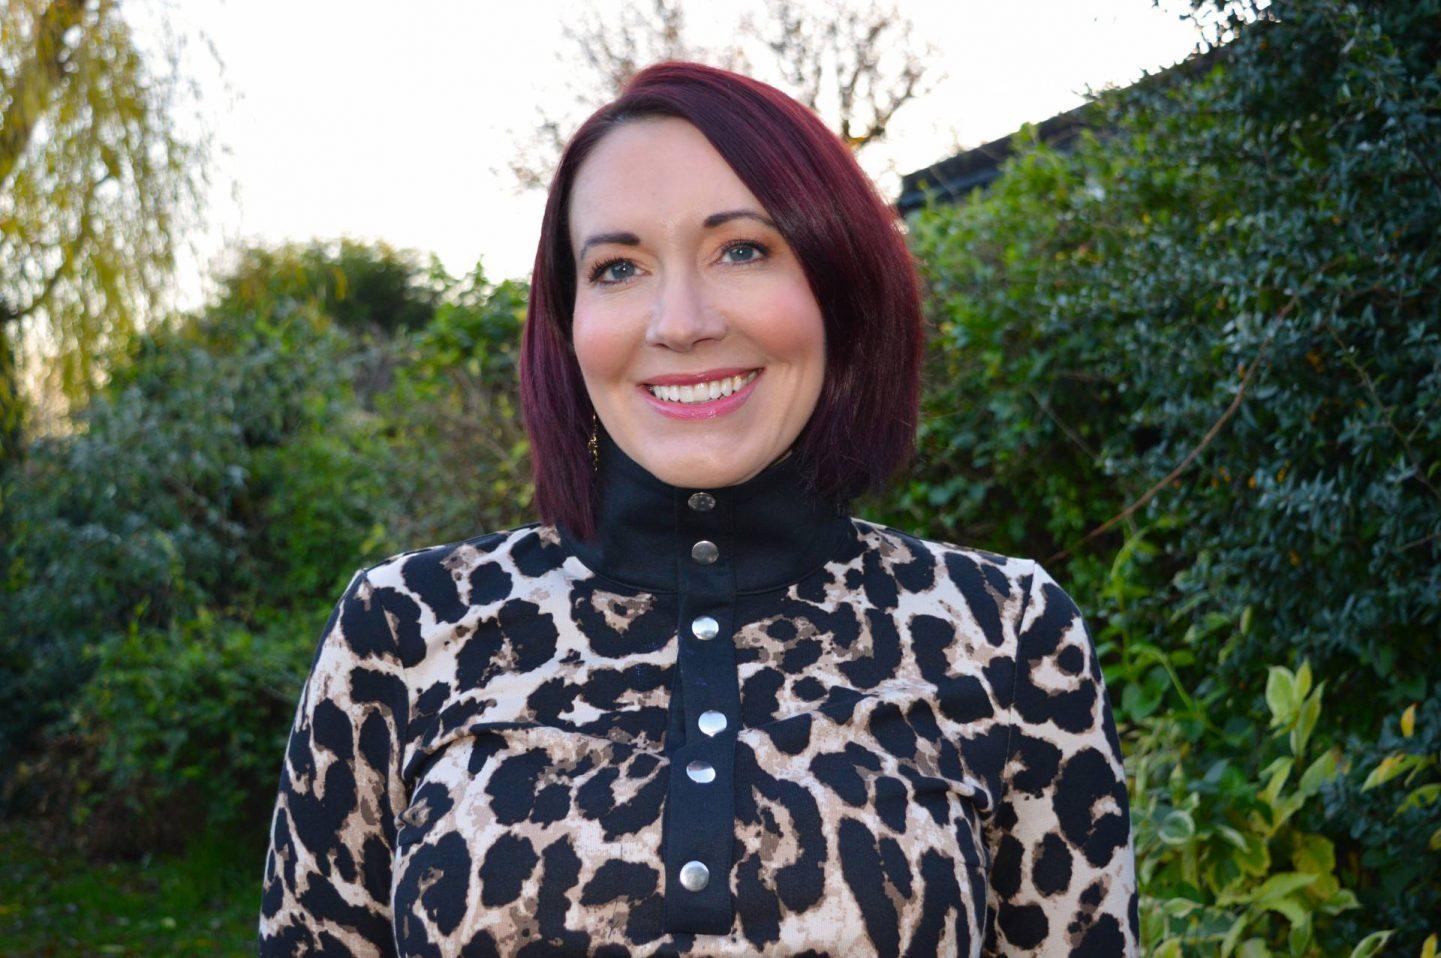 Baum und Pferdgarten Jagger Leopard Print Jersey Dress